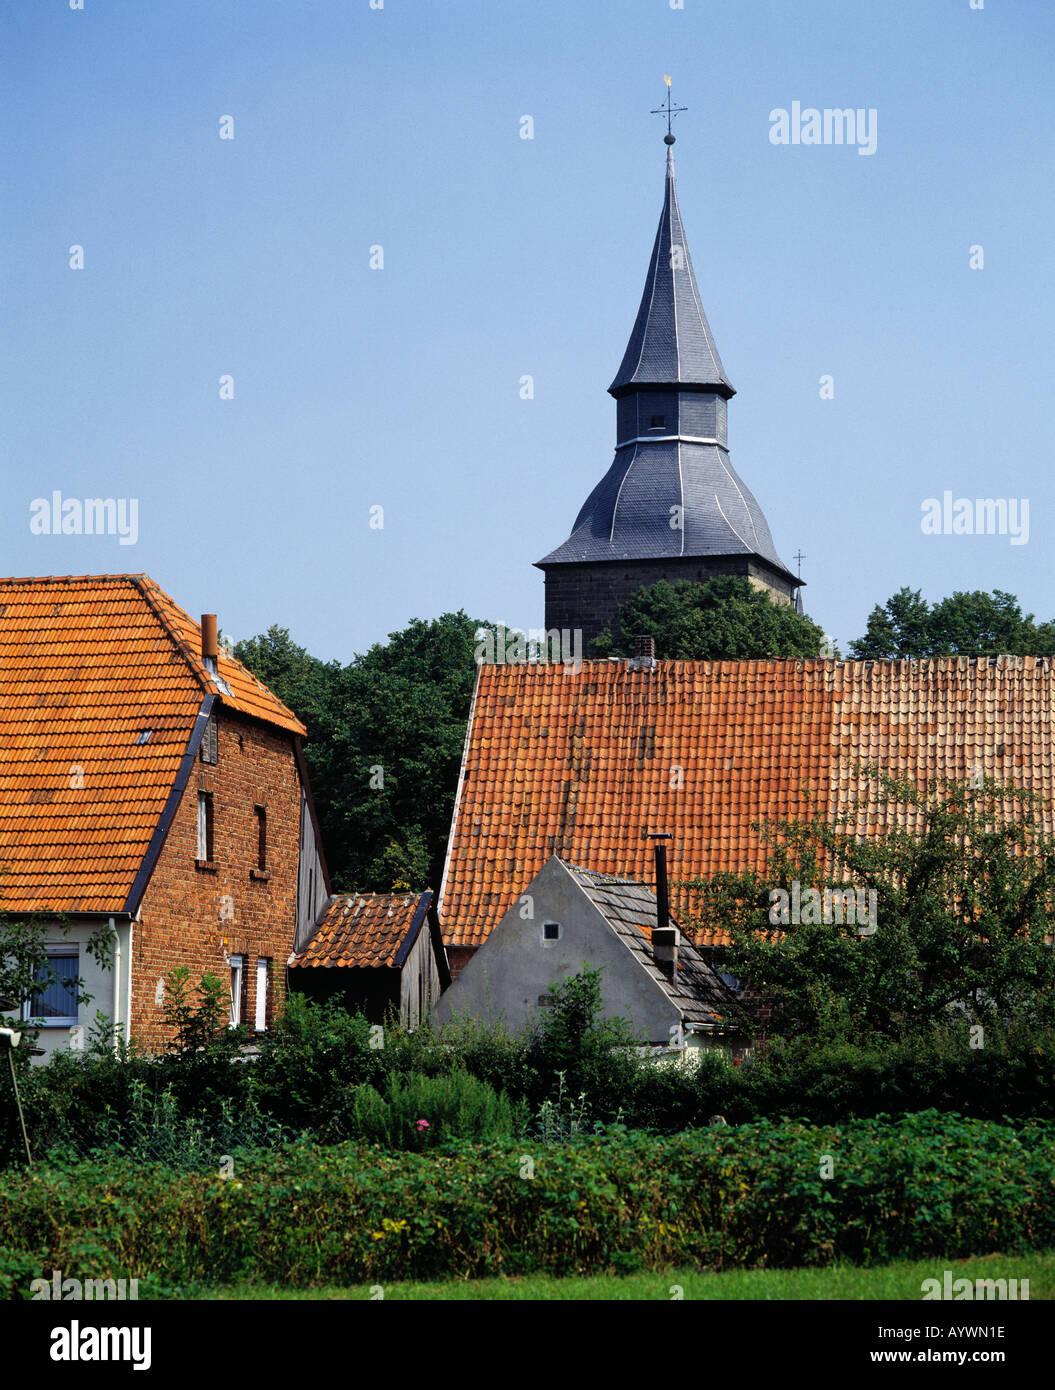 St. Johanneskirche in doerflicher Idylle in Ruethen, Naturpark Arnsberger Wald, Sauerland, Nordrhein-Westfalen Stock Photo